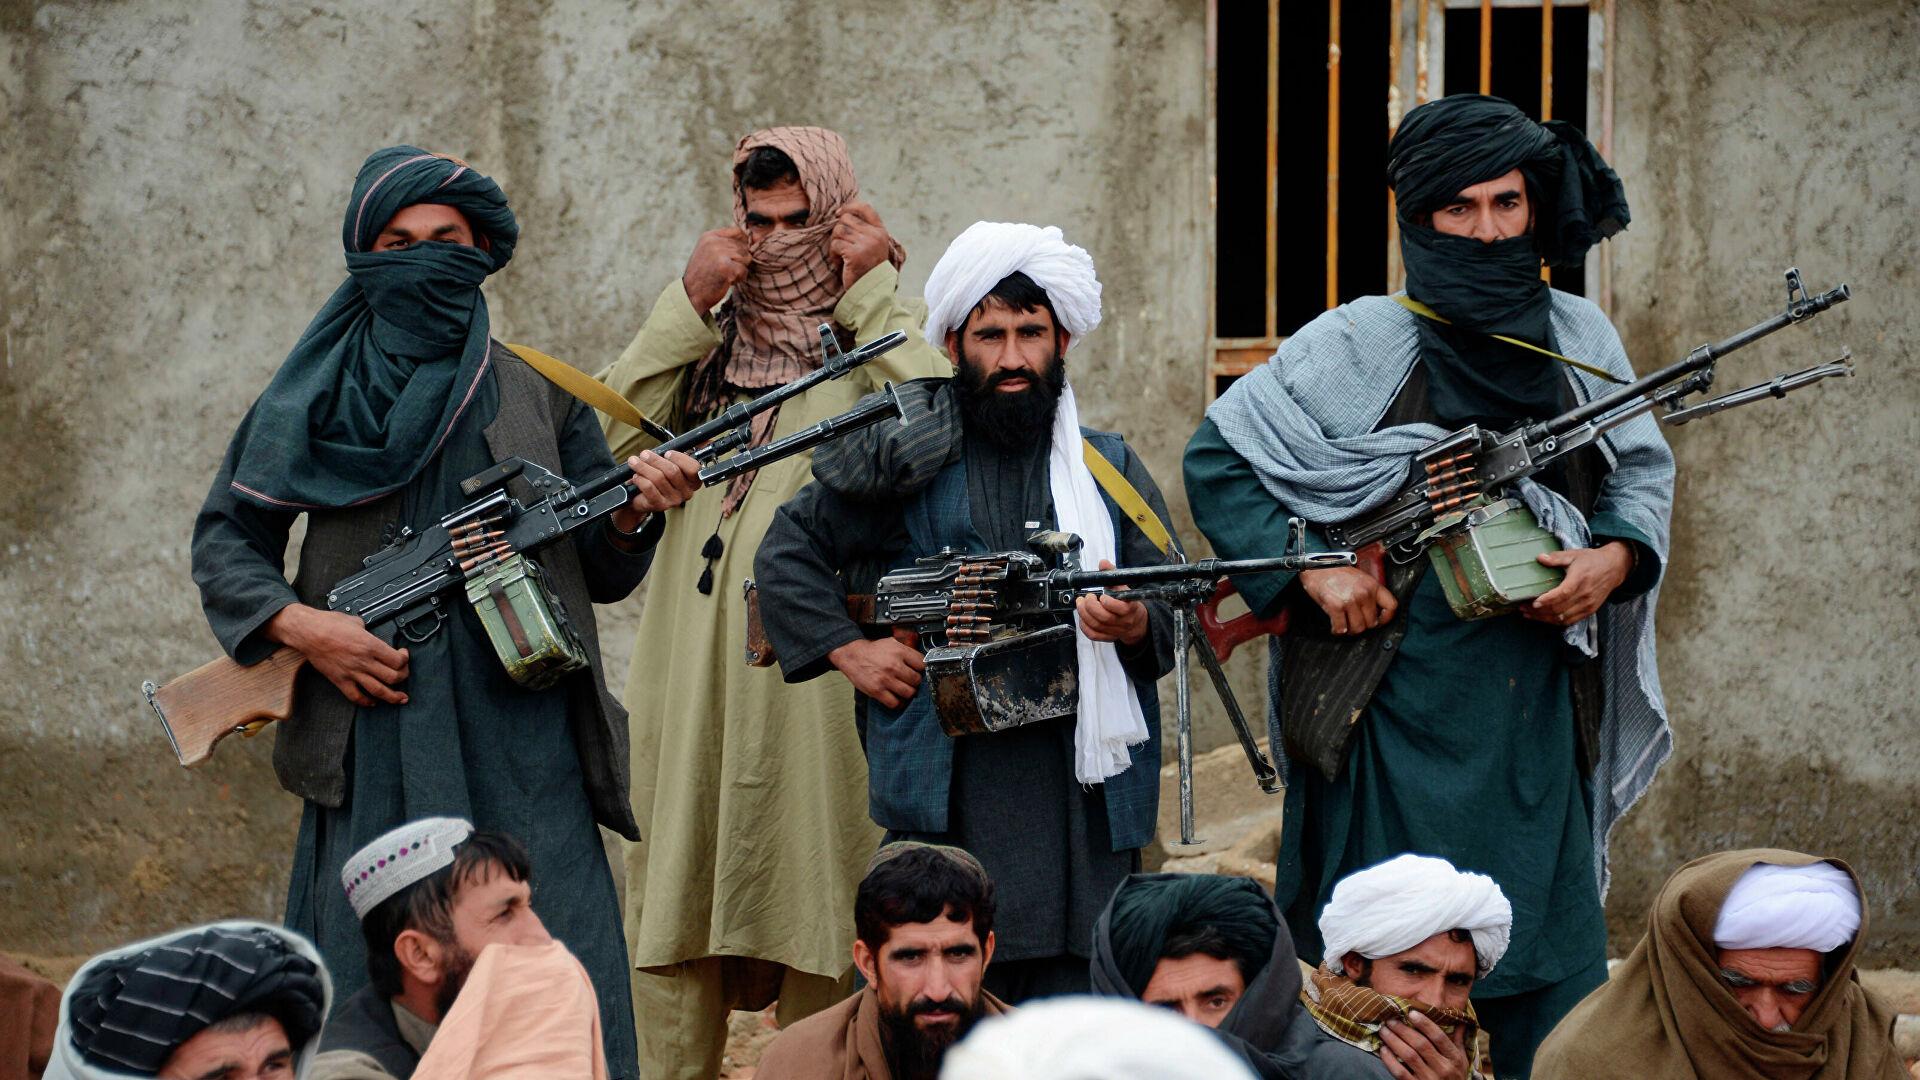 Талибы возвращают казни, будут также рубить конечности в качестве наказаний